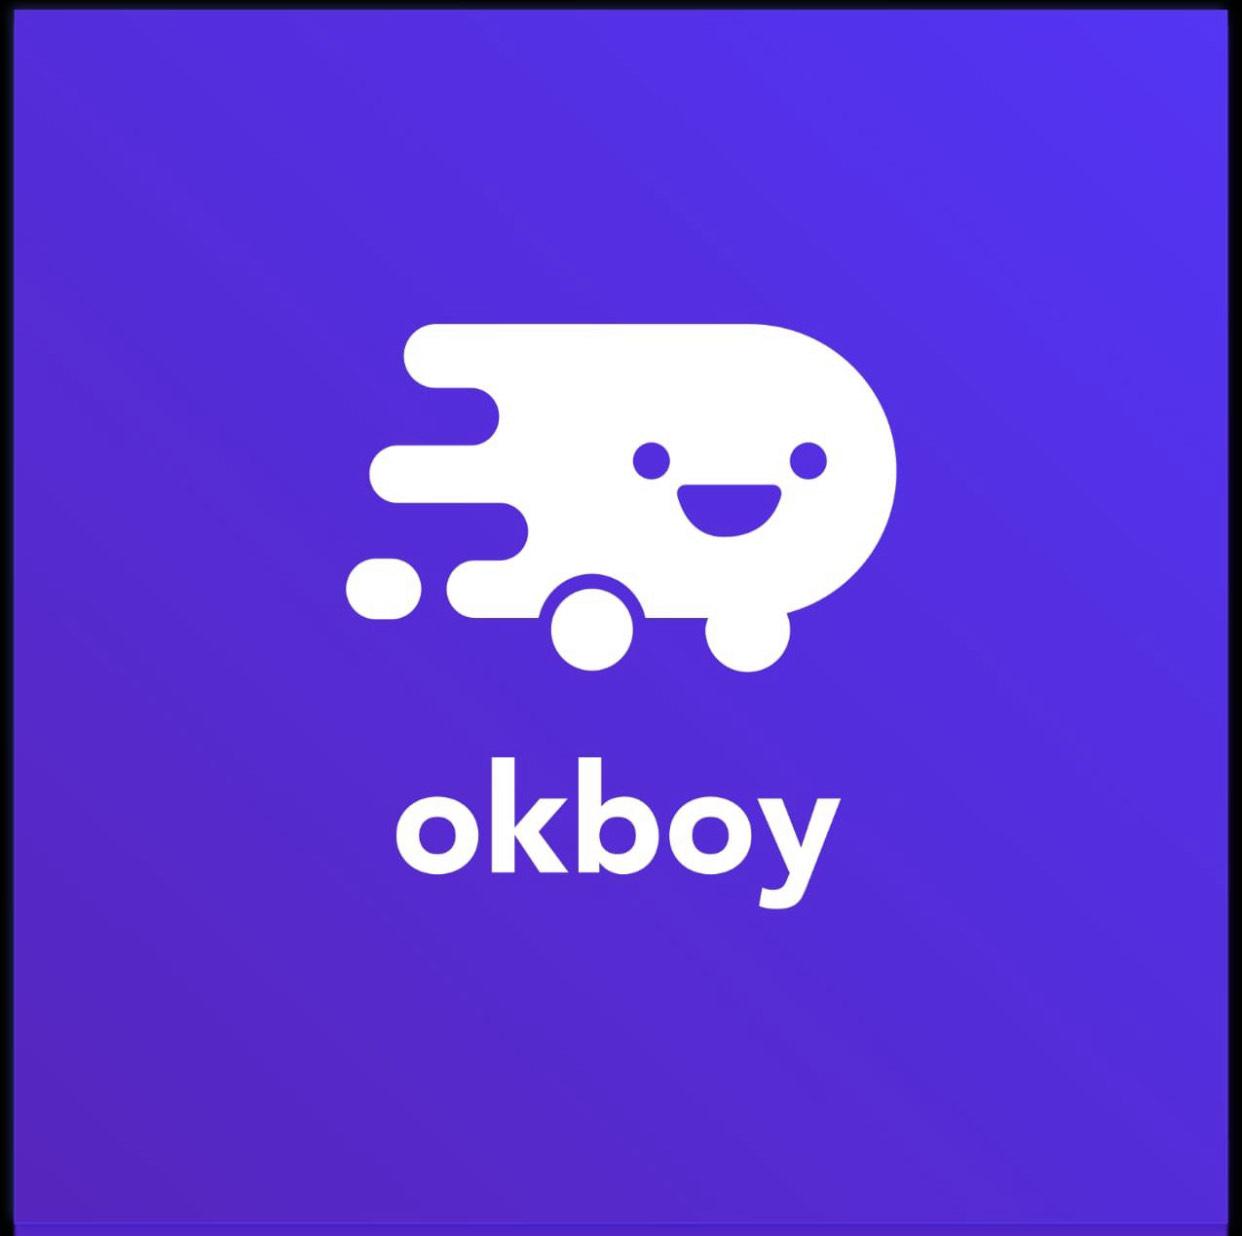 okboy: Gas estacionario $600 pesos de descuento